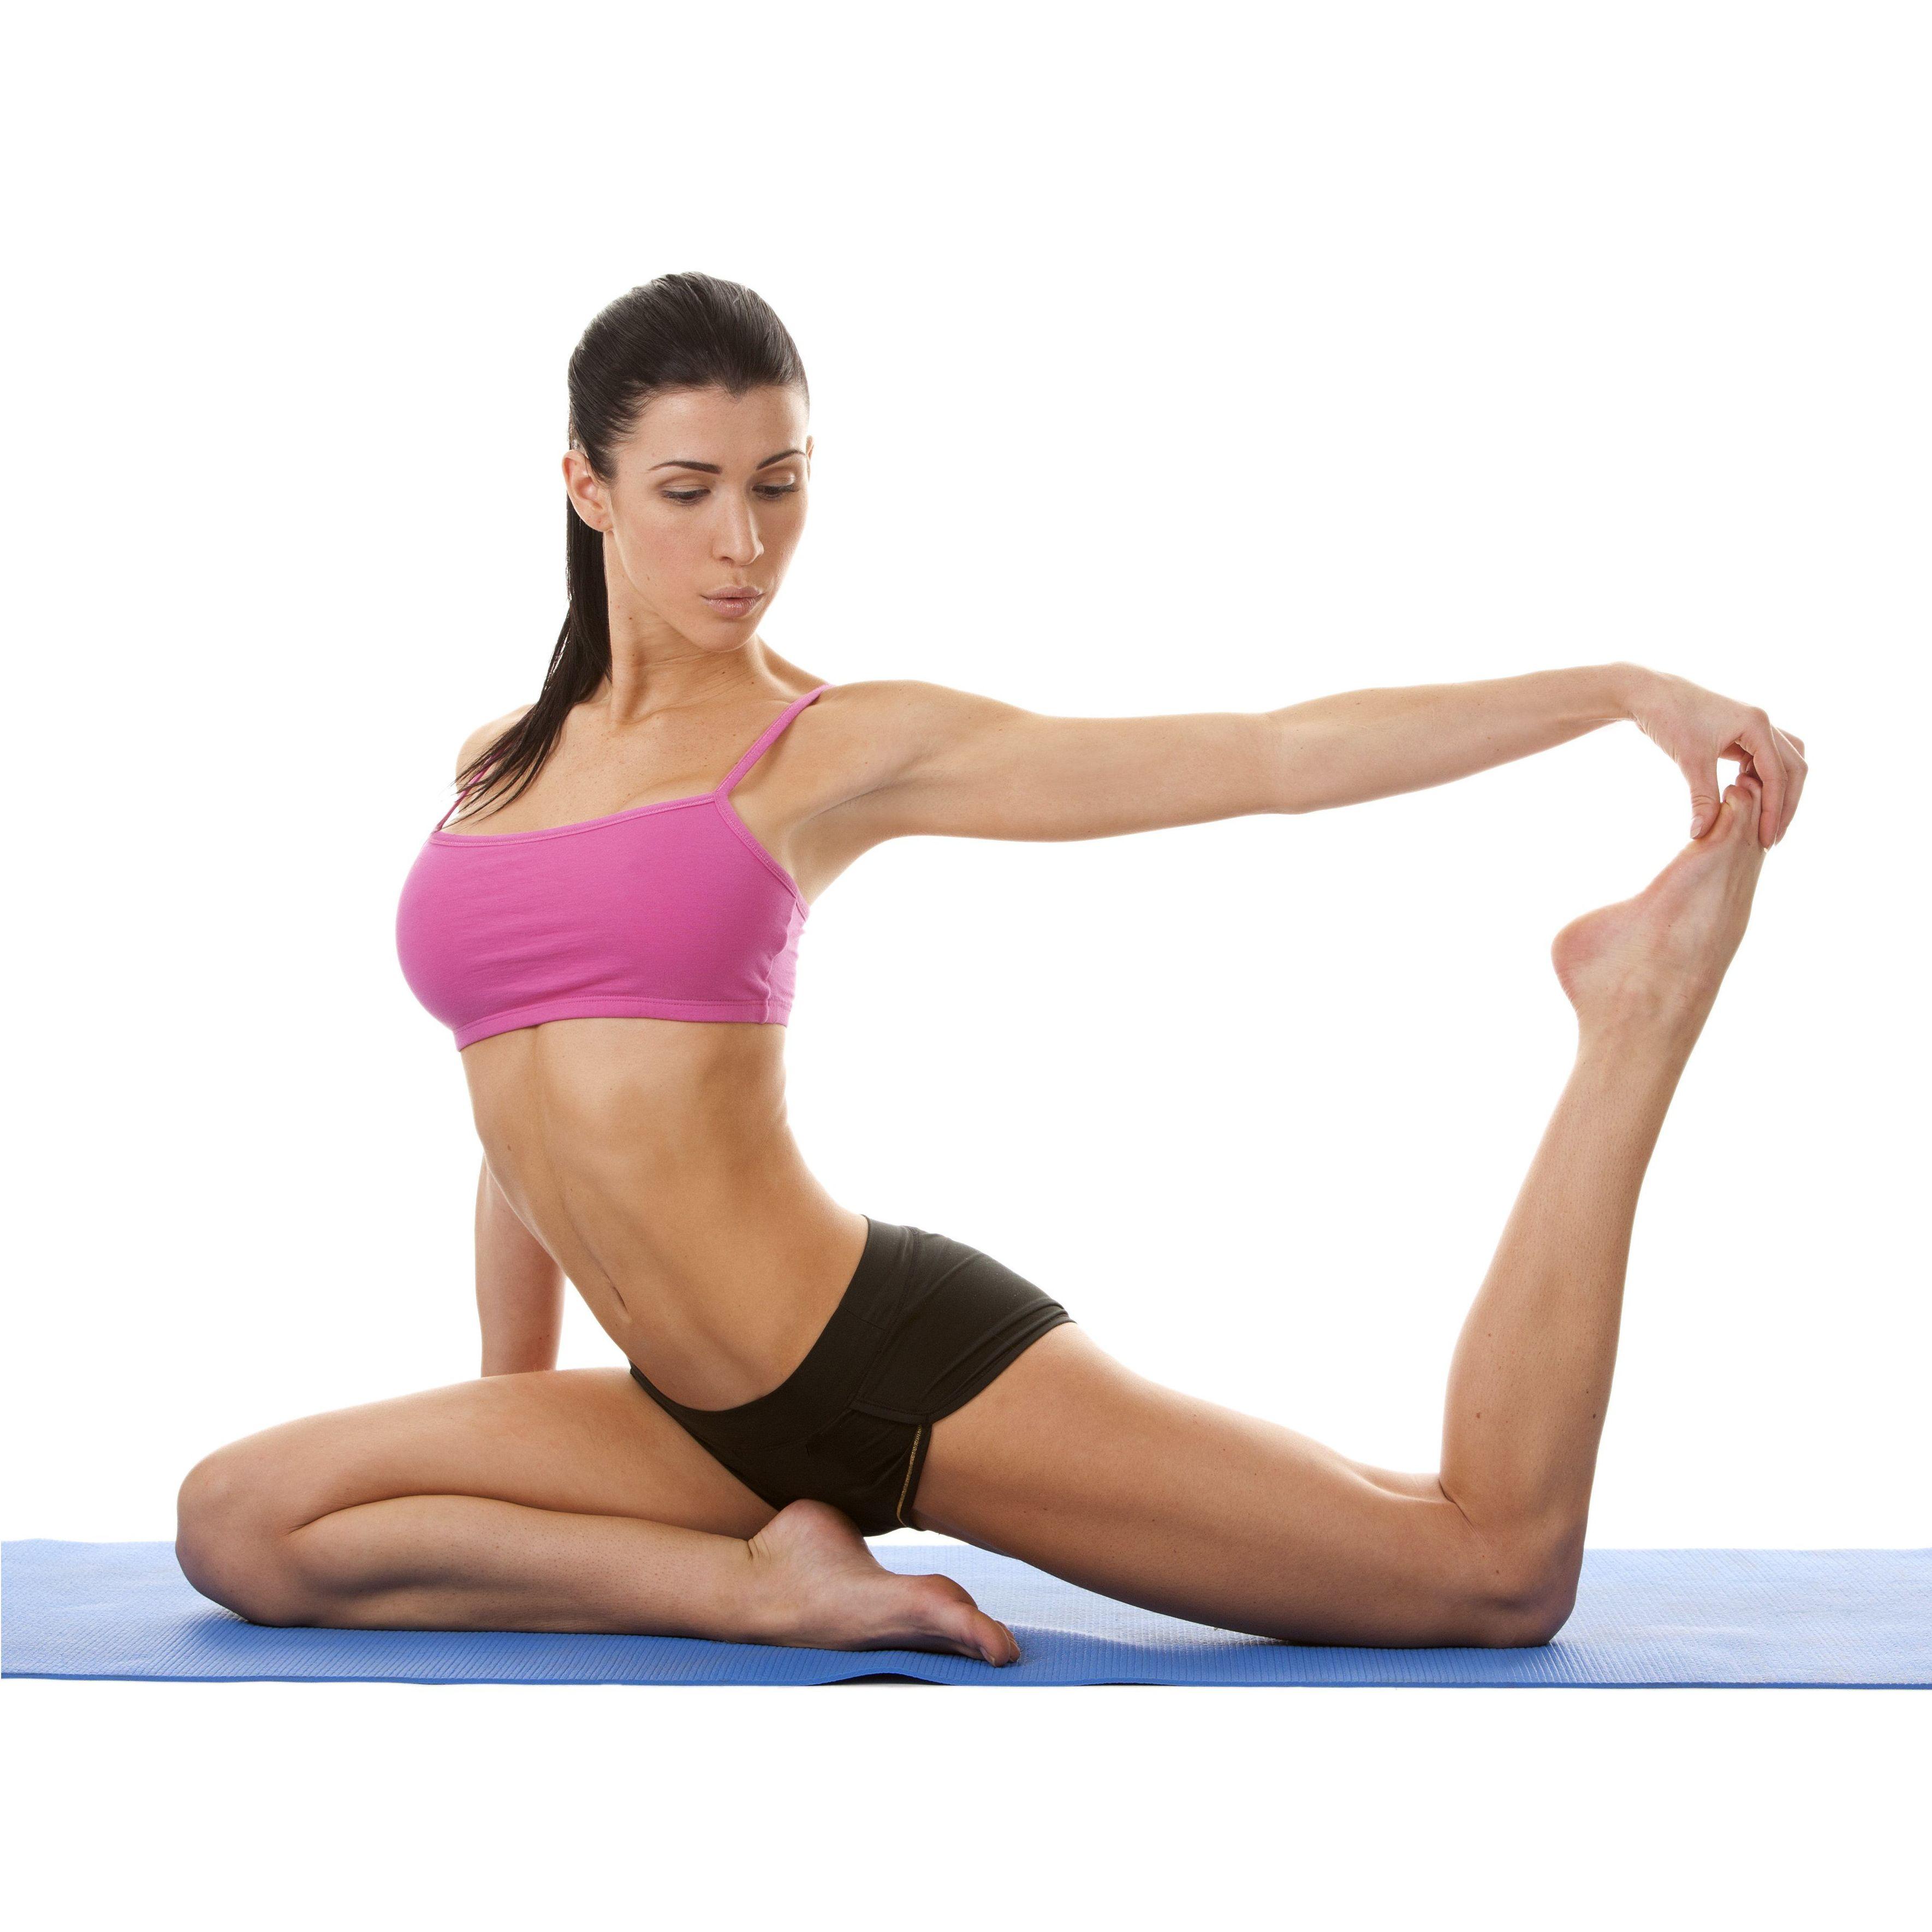 Sesiones semanales de yoga y pilates en Carabanchel y Pozuelo